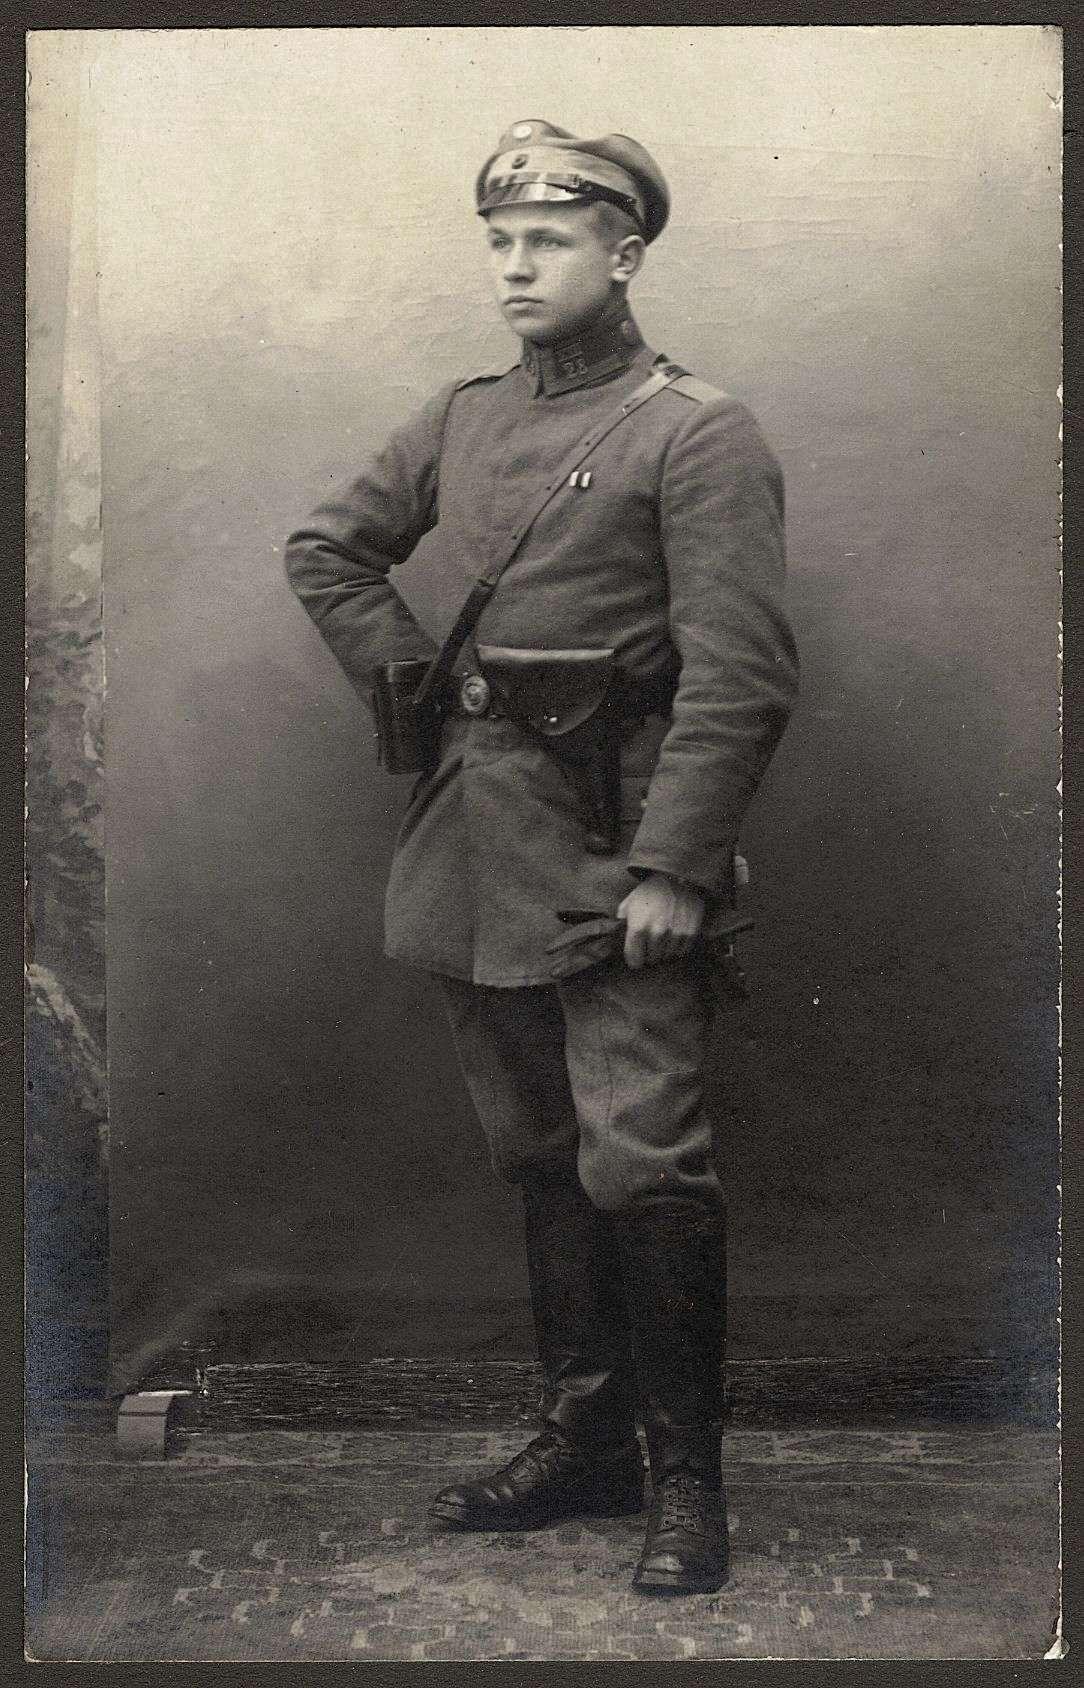 Gesswein, Adolf, Bild 3